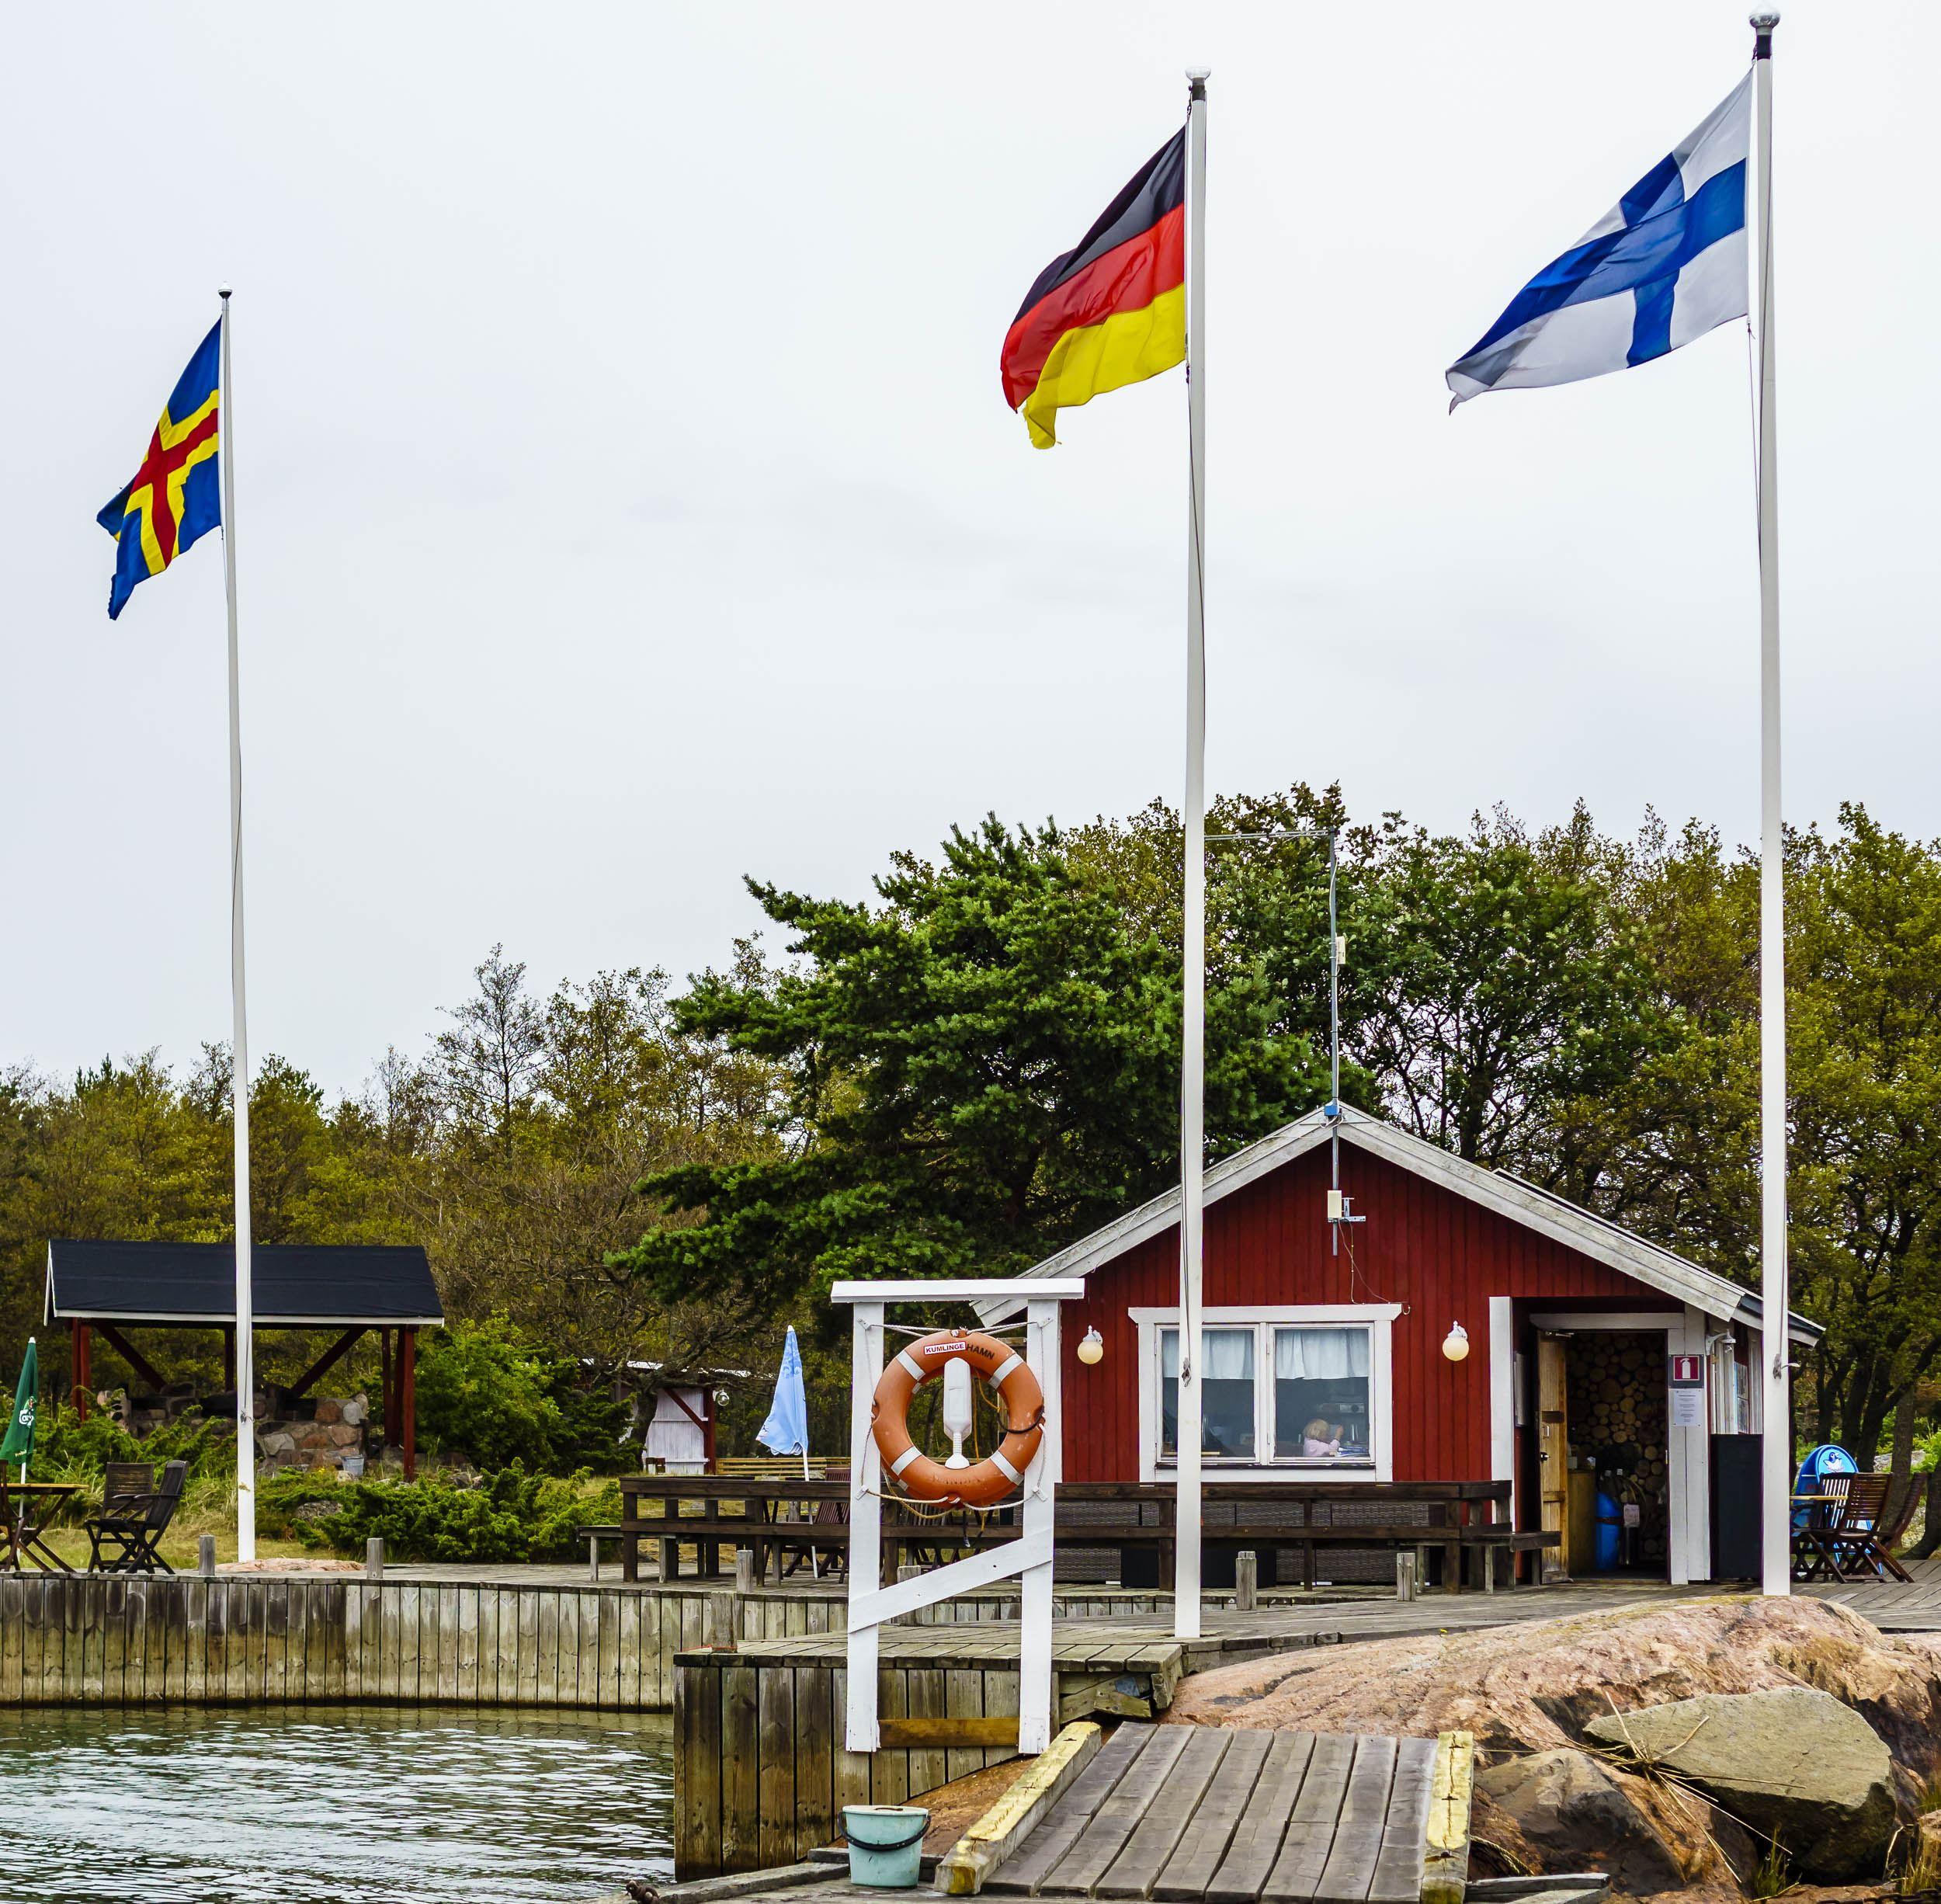 Kumlinge Gästhamn